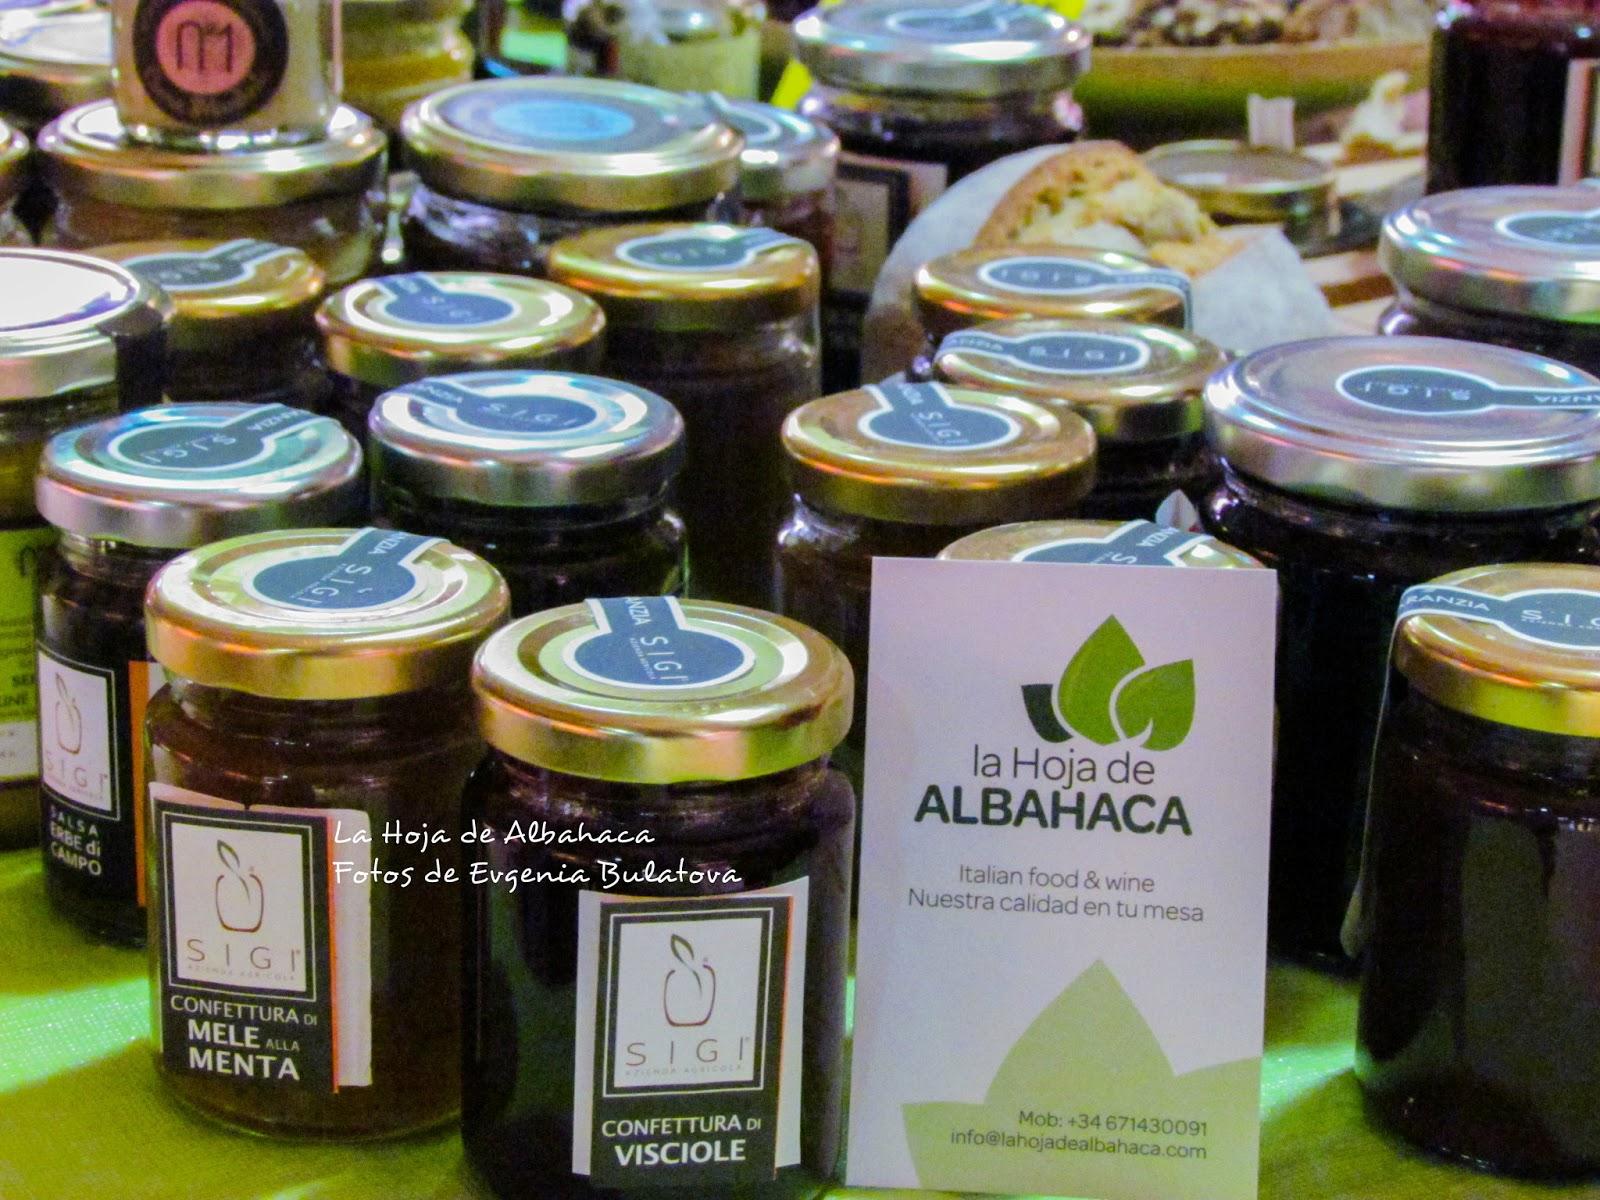 la tienda de la hoja, mermeladas ecológicas,azienda agricola Si.Gi. cremas de chocolate naturales